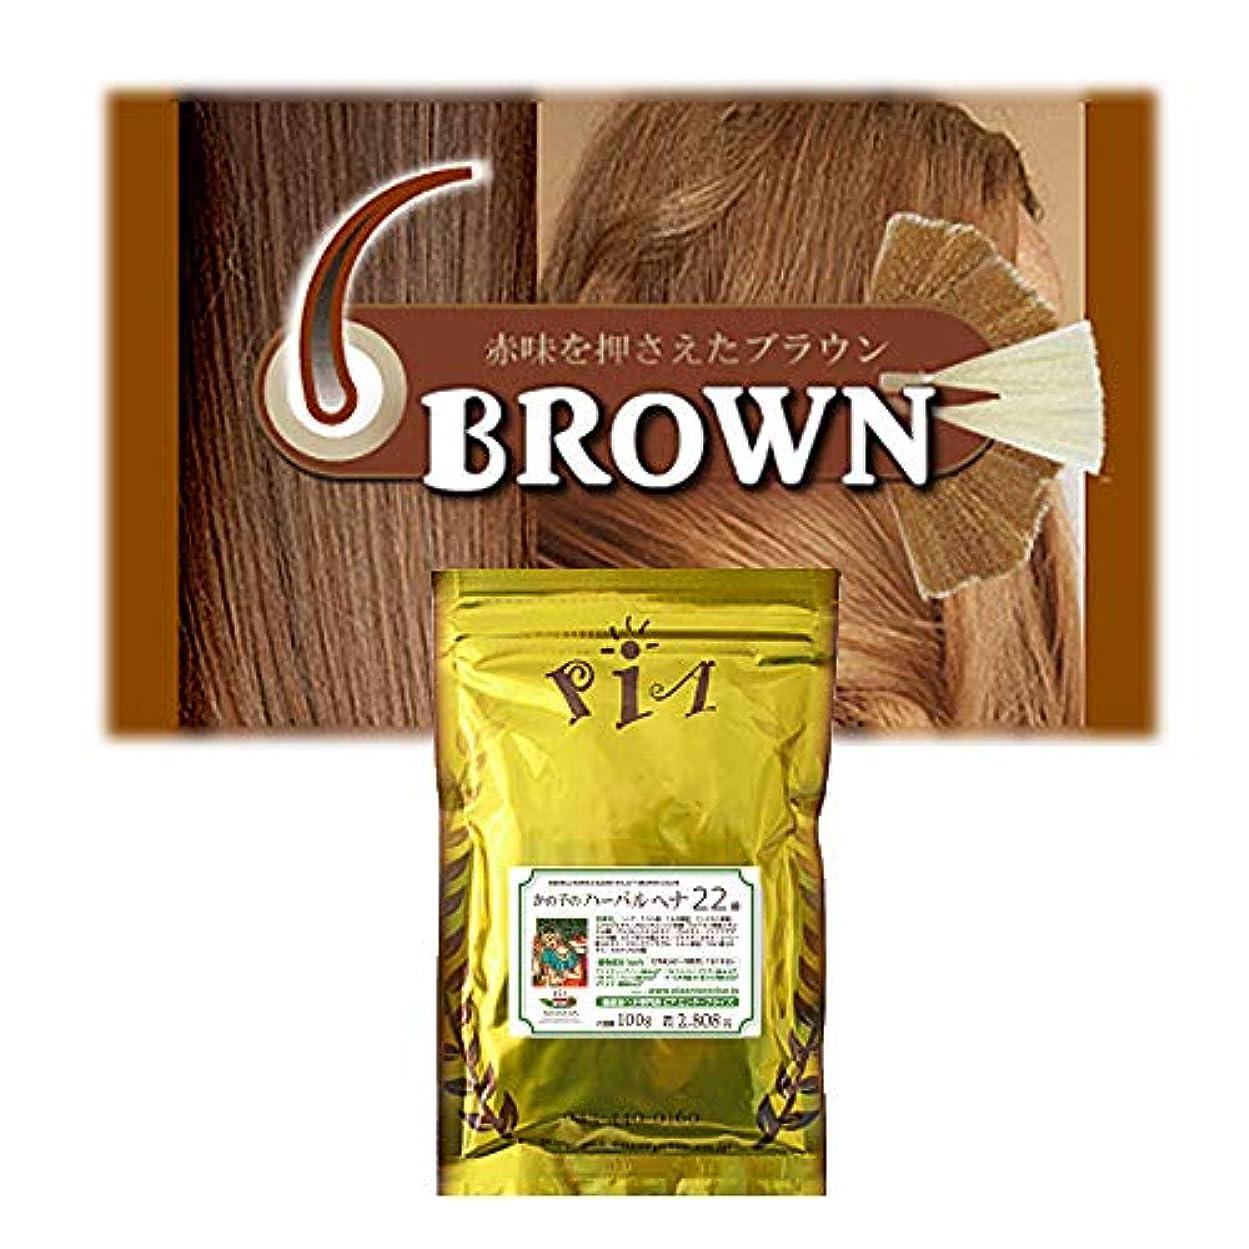 艶チェリー薬剤師【ヘナ】 かの子のハーバルヘナ22番(色:ブラウン) 単品|ハケブラシはついておりません。